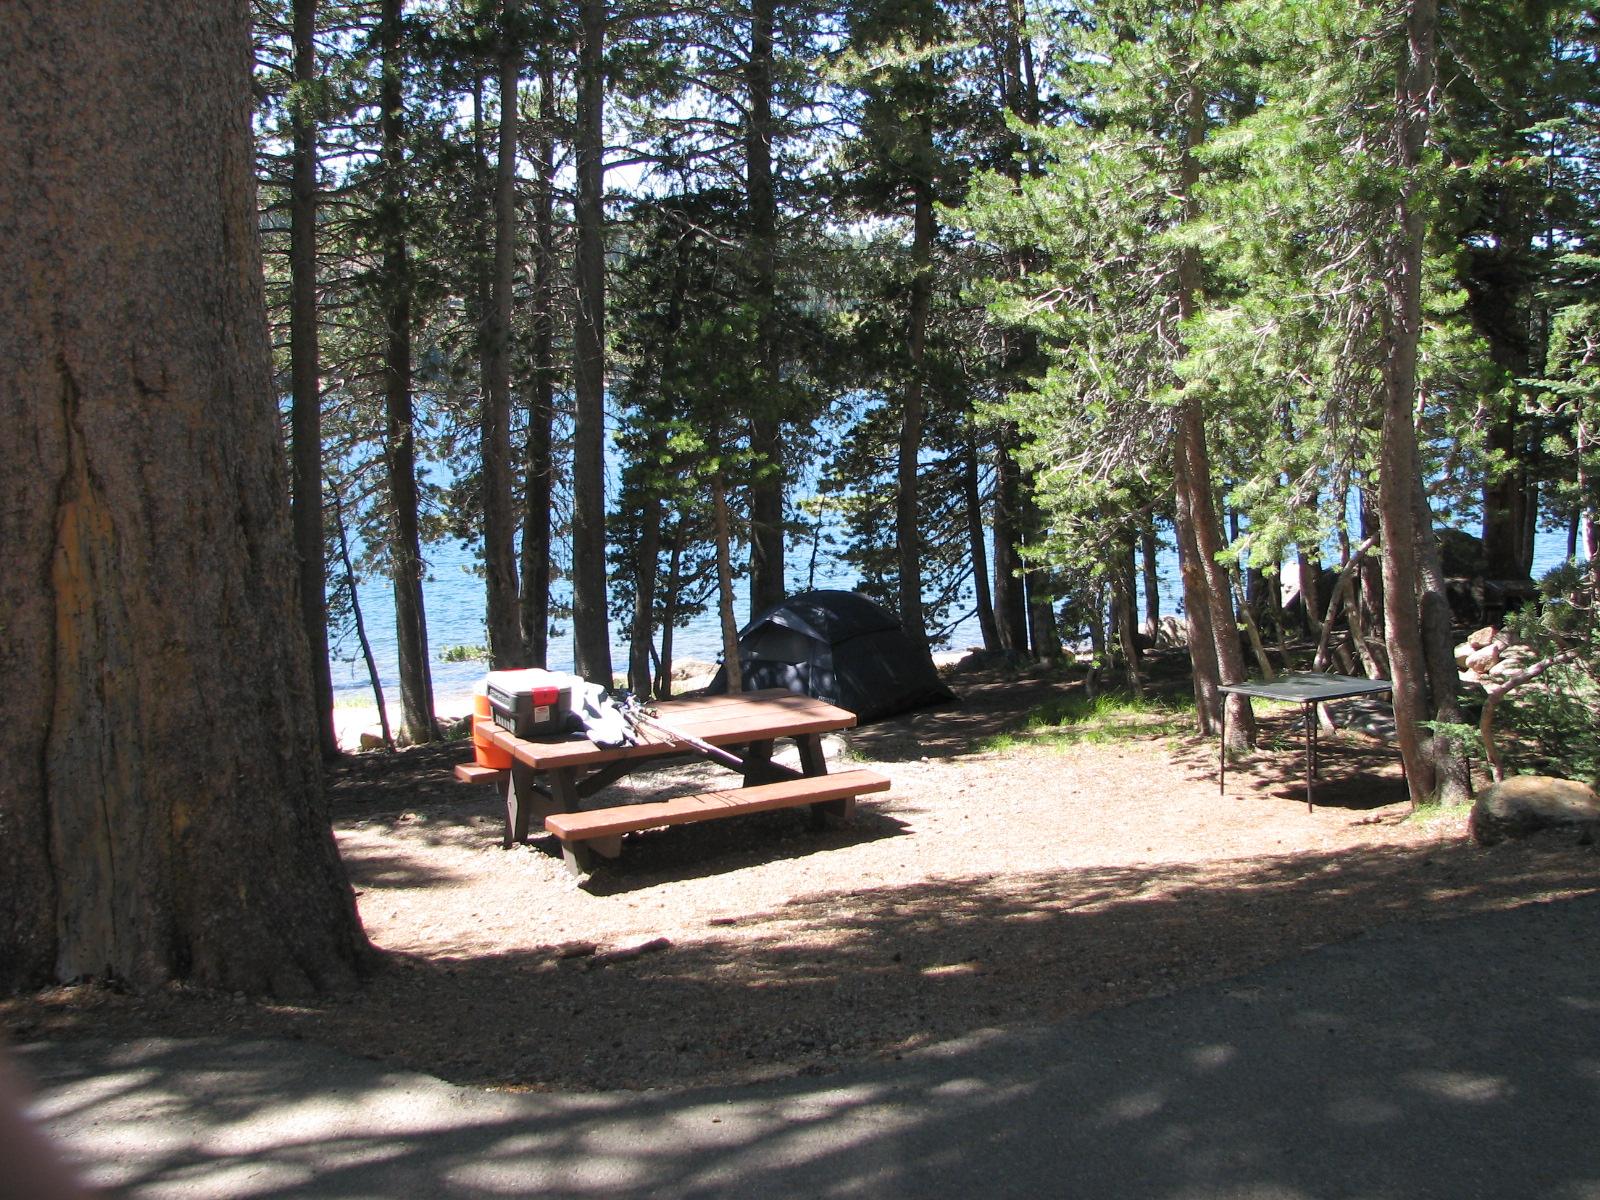 Lake overlook sites